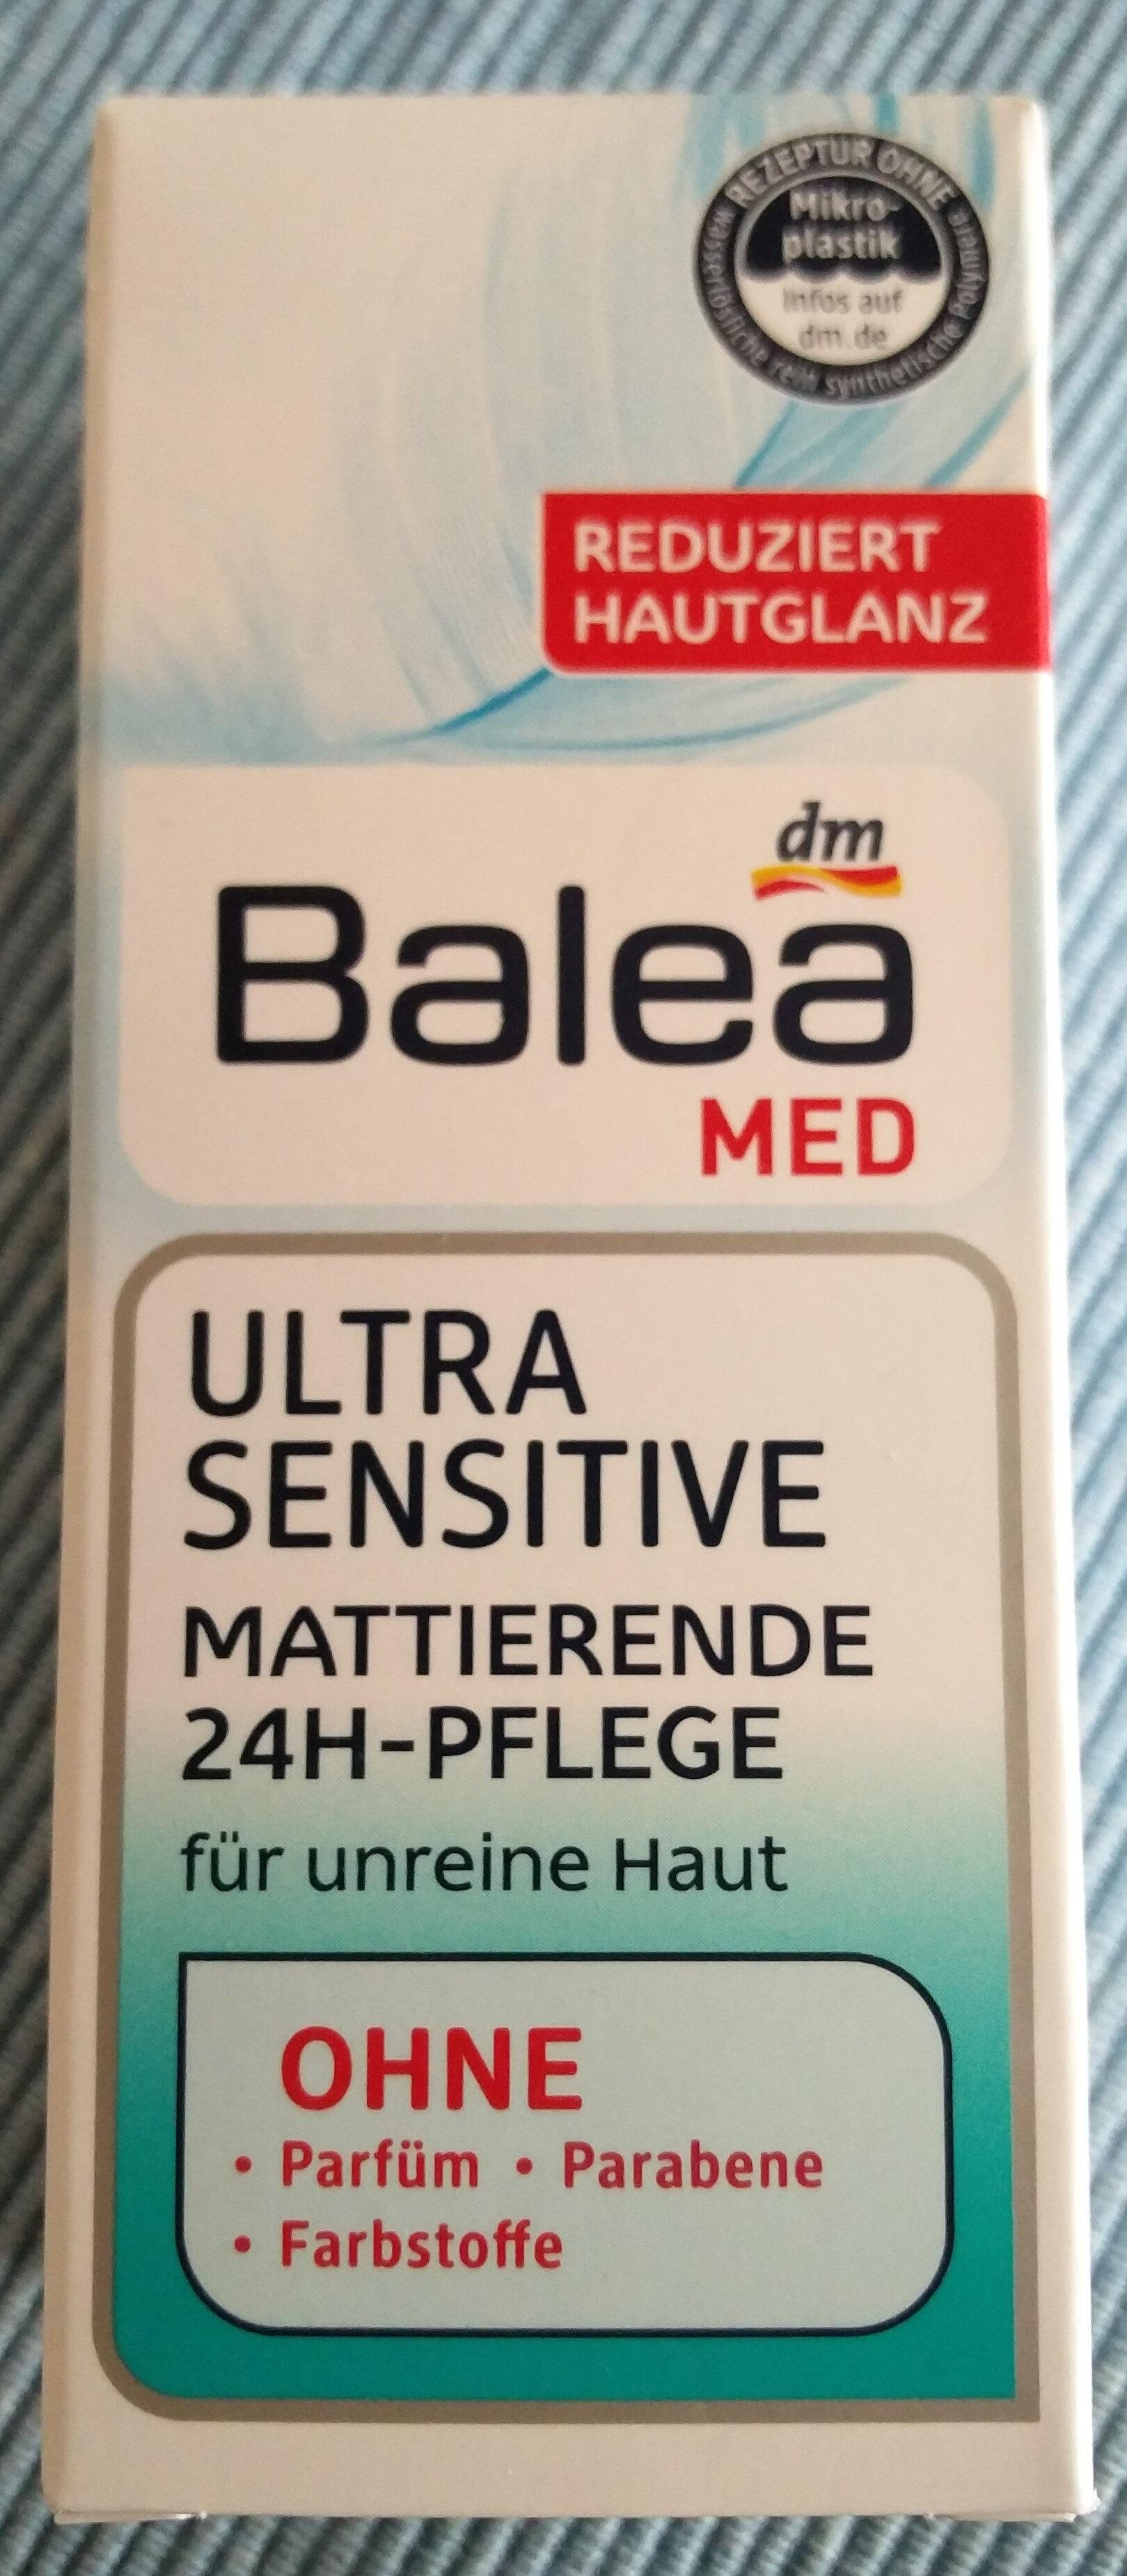 Ultra Sensitive mattierende 24h-Pflege (für unreine Haut) - Produit - de